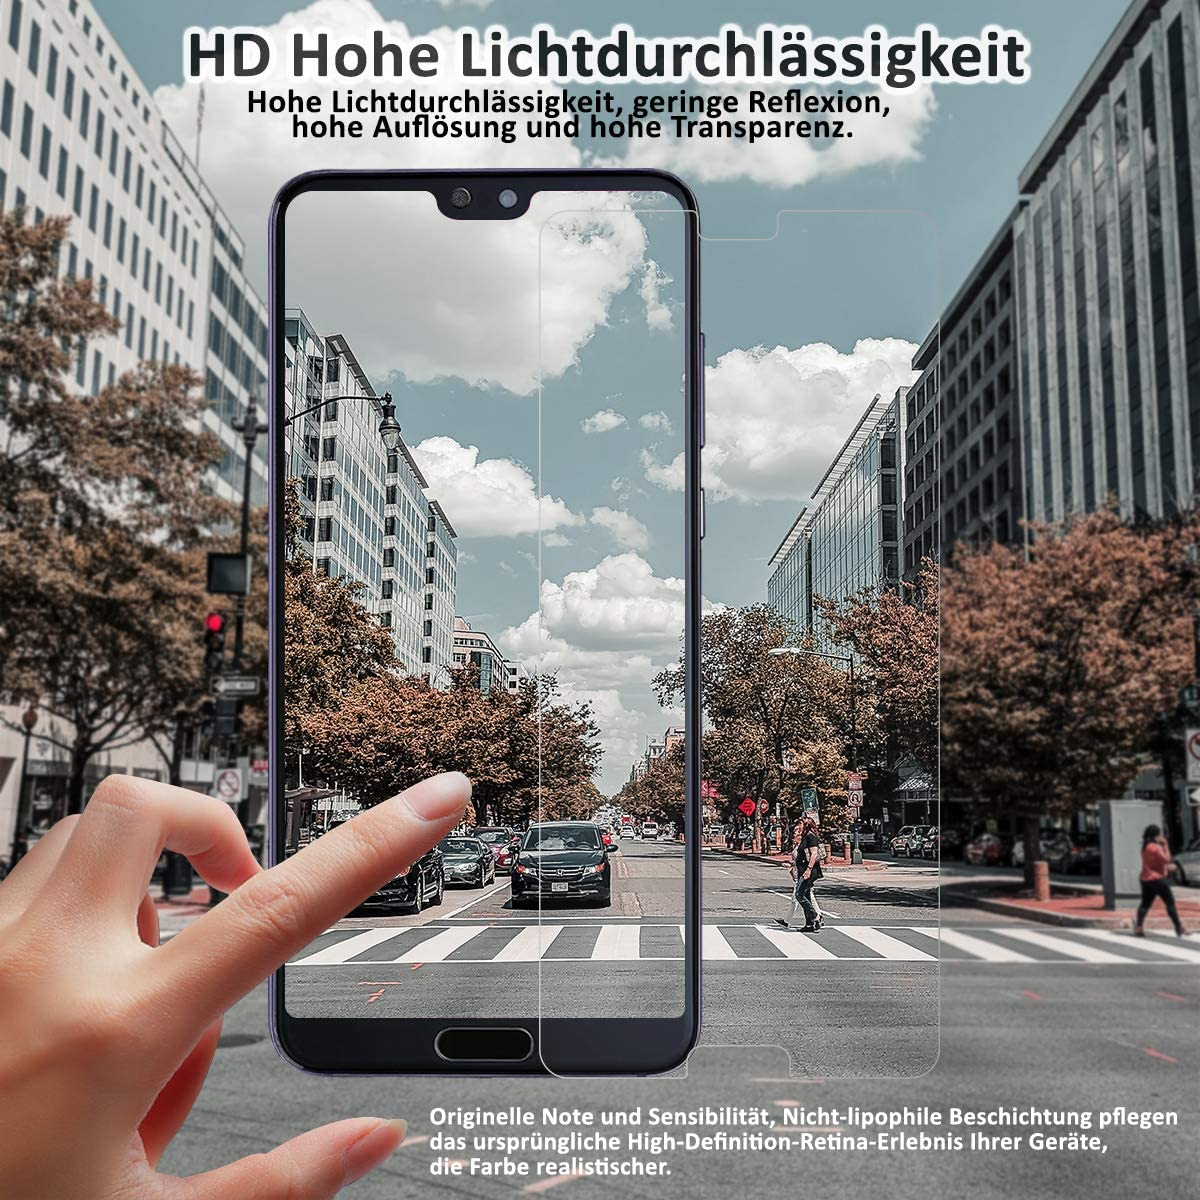 2 St/ück 9H H/ärtegrad Anti-Kratzen Einfache Installation Blasenfrei Panzerglasfolie High Definition Displayschutzfolie f/ür Huawei P20 Panzerglas Schutzfolie f/ür Huawei P20,